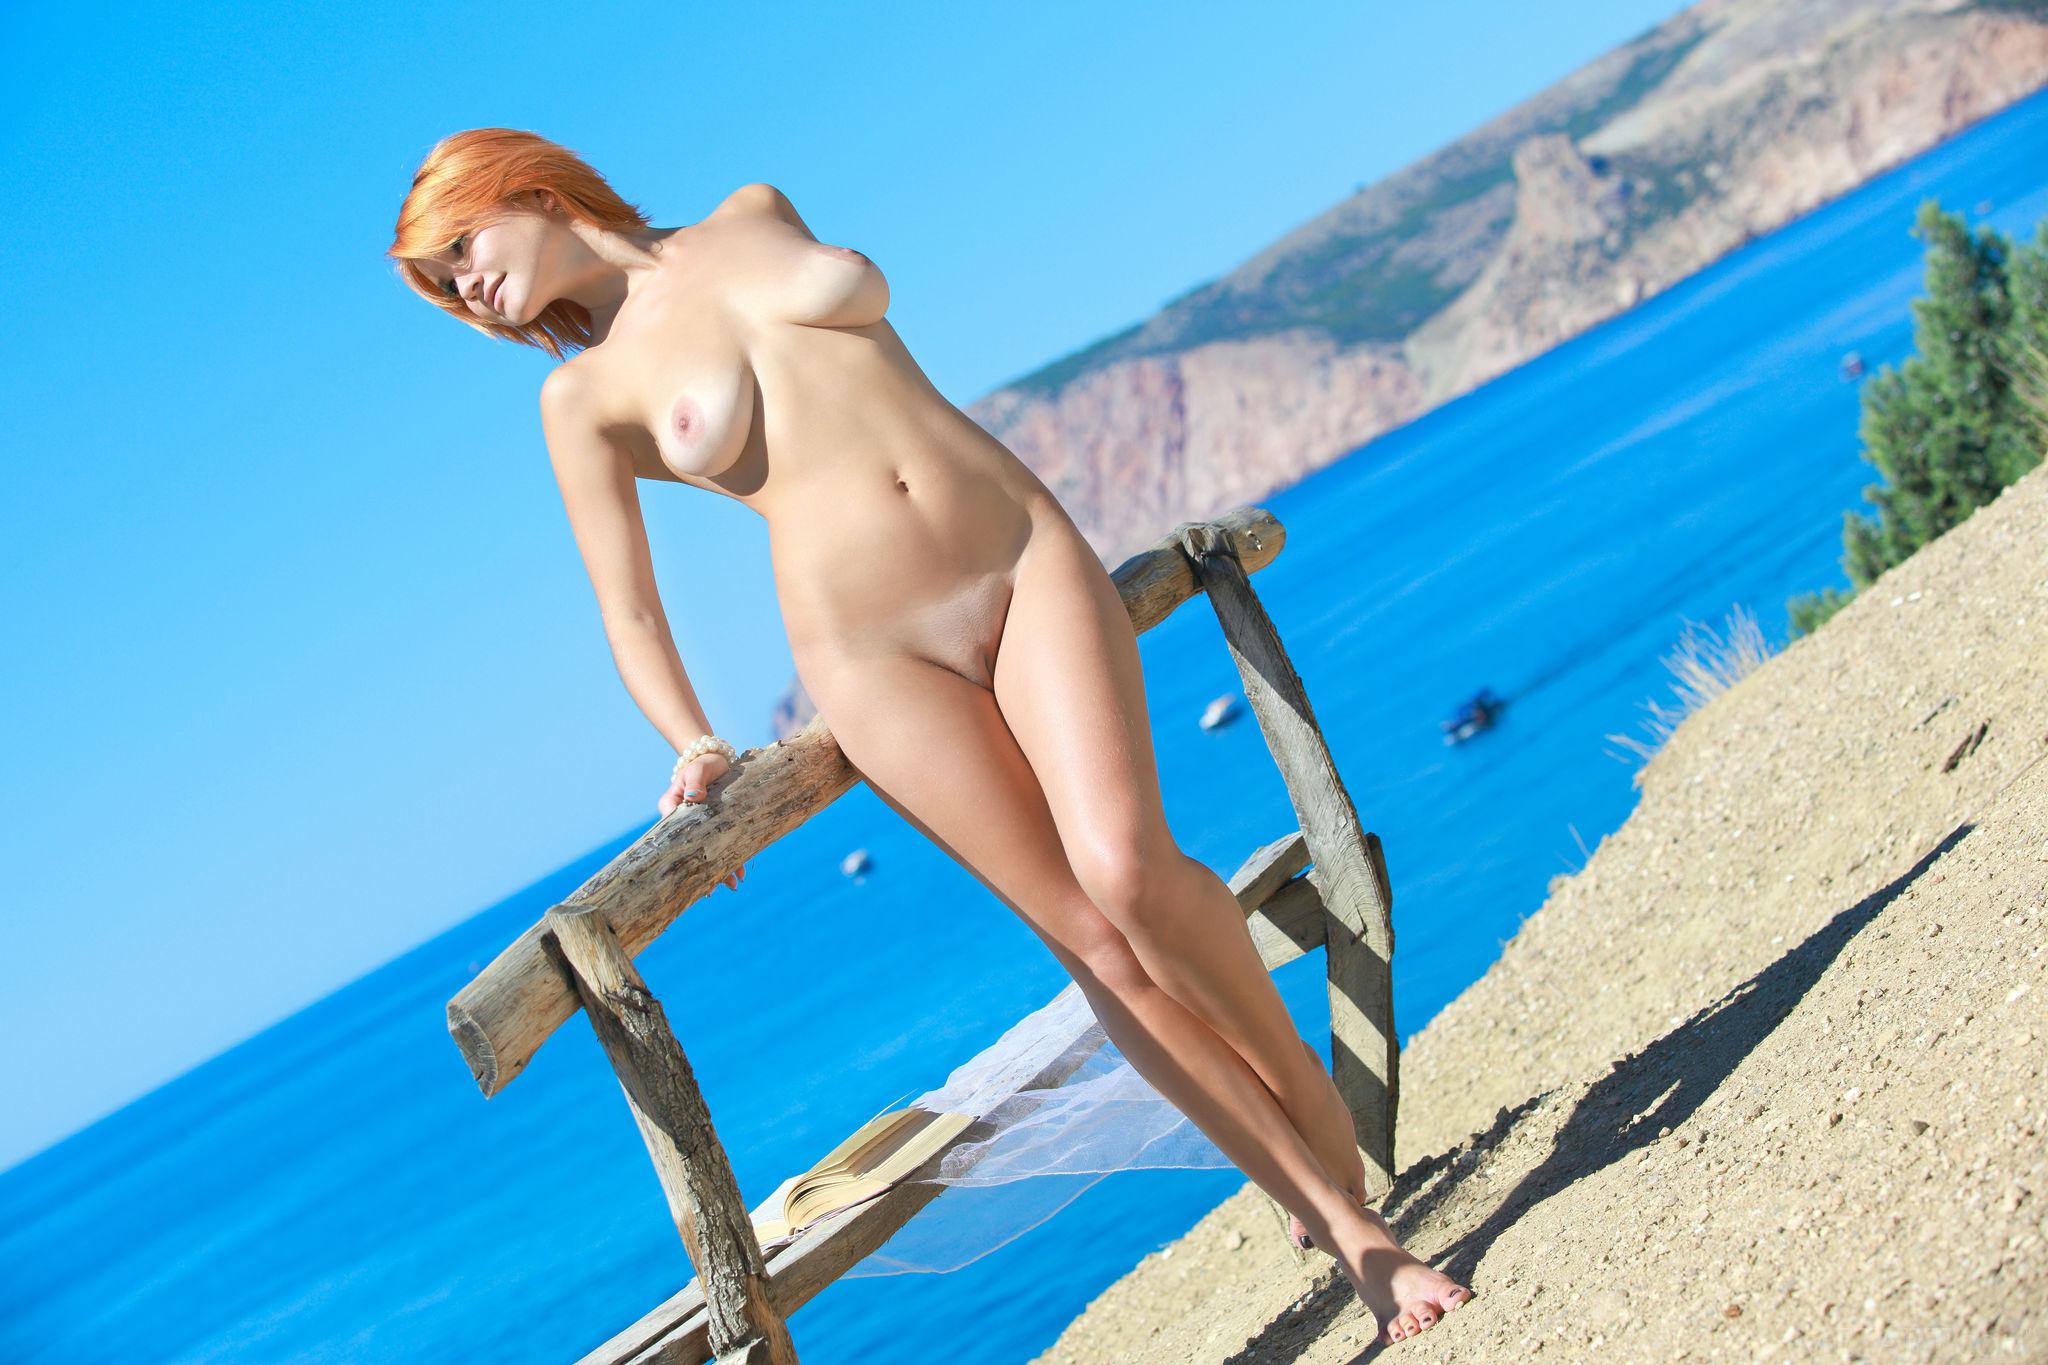 Фото скалы эротика крымские девки 18 фотография